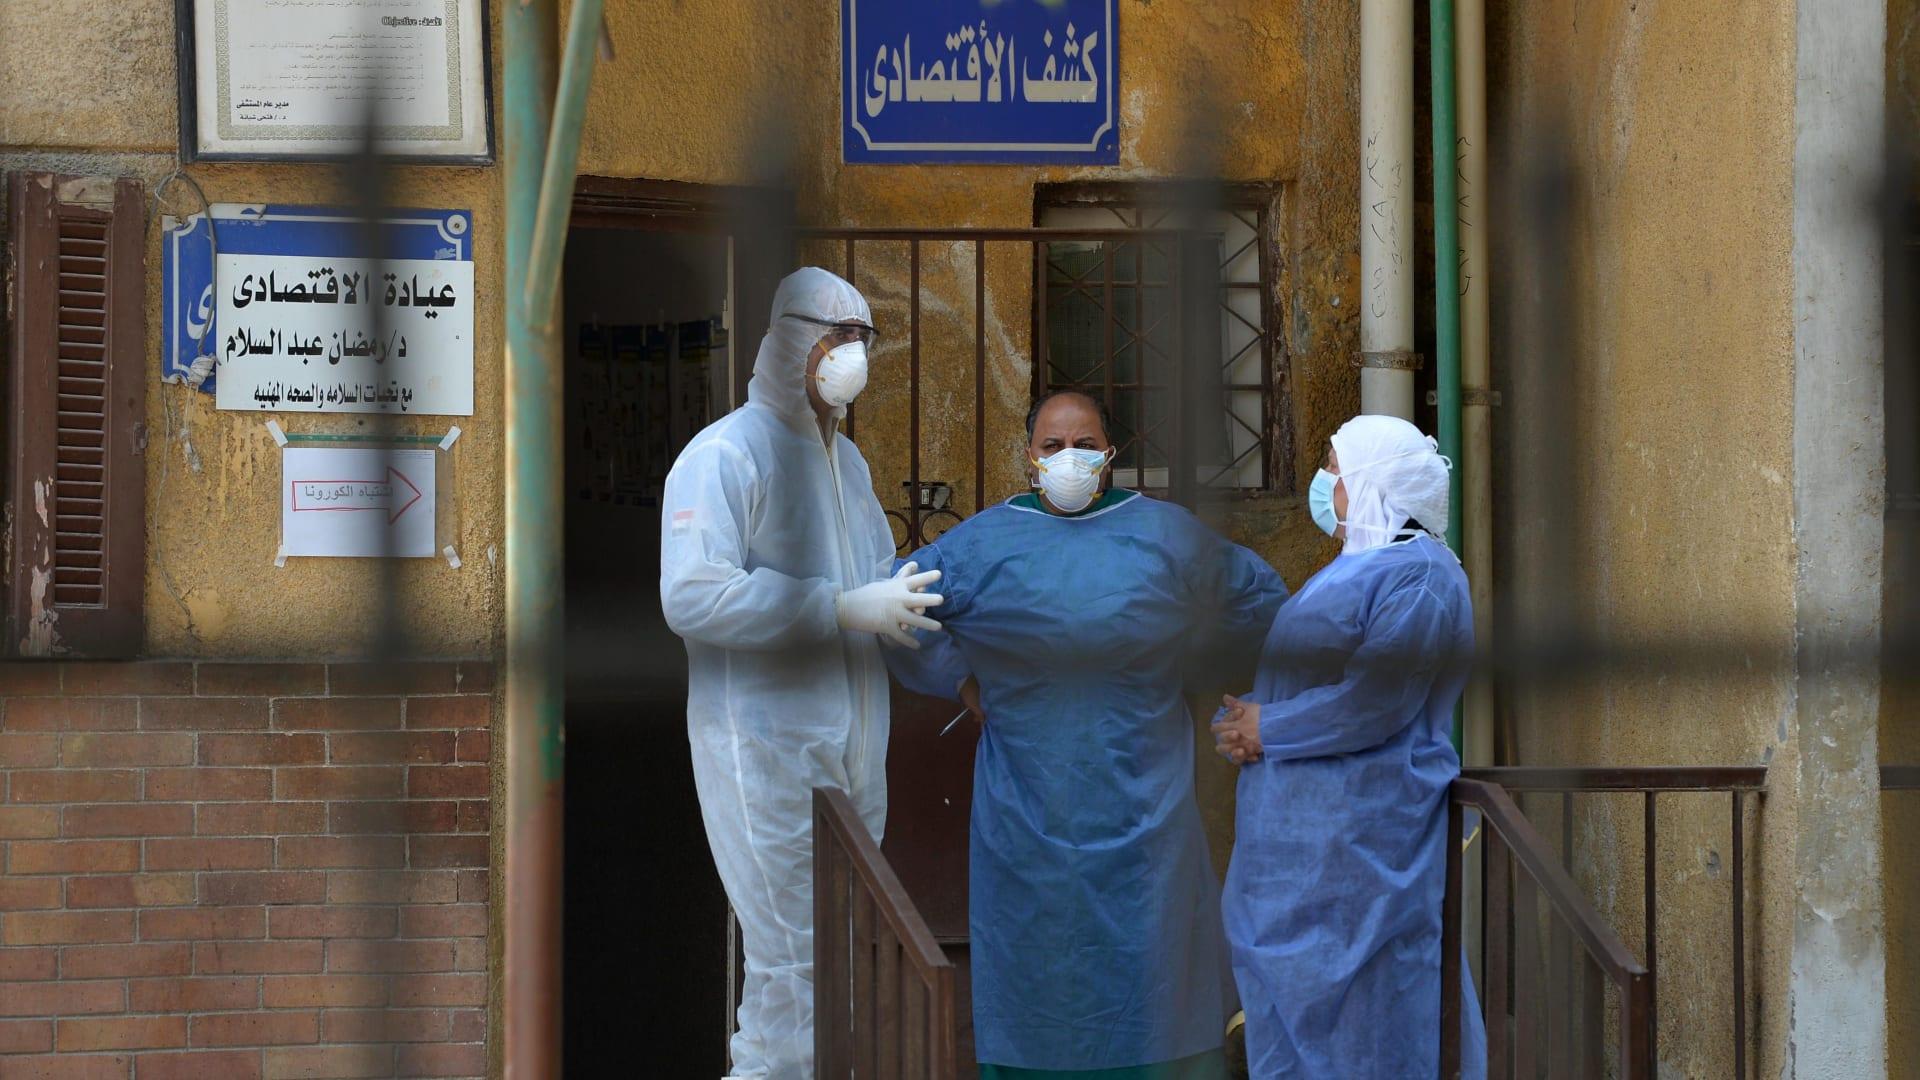 أعضاء الطاقم الطبي بوحدة الأمراض المعدية بمستشفى إمبابة بالعاصمة القاهرة - صورة أرشيفية